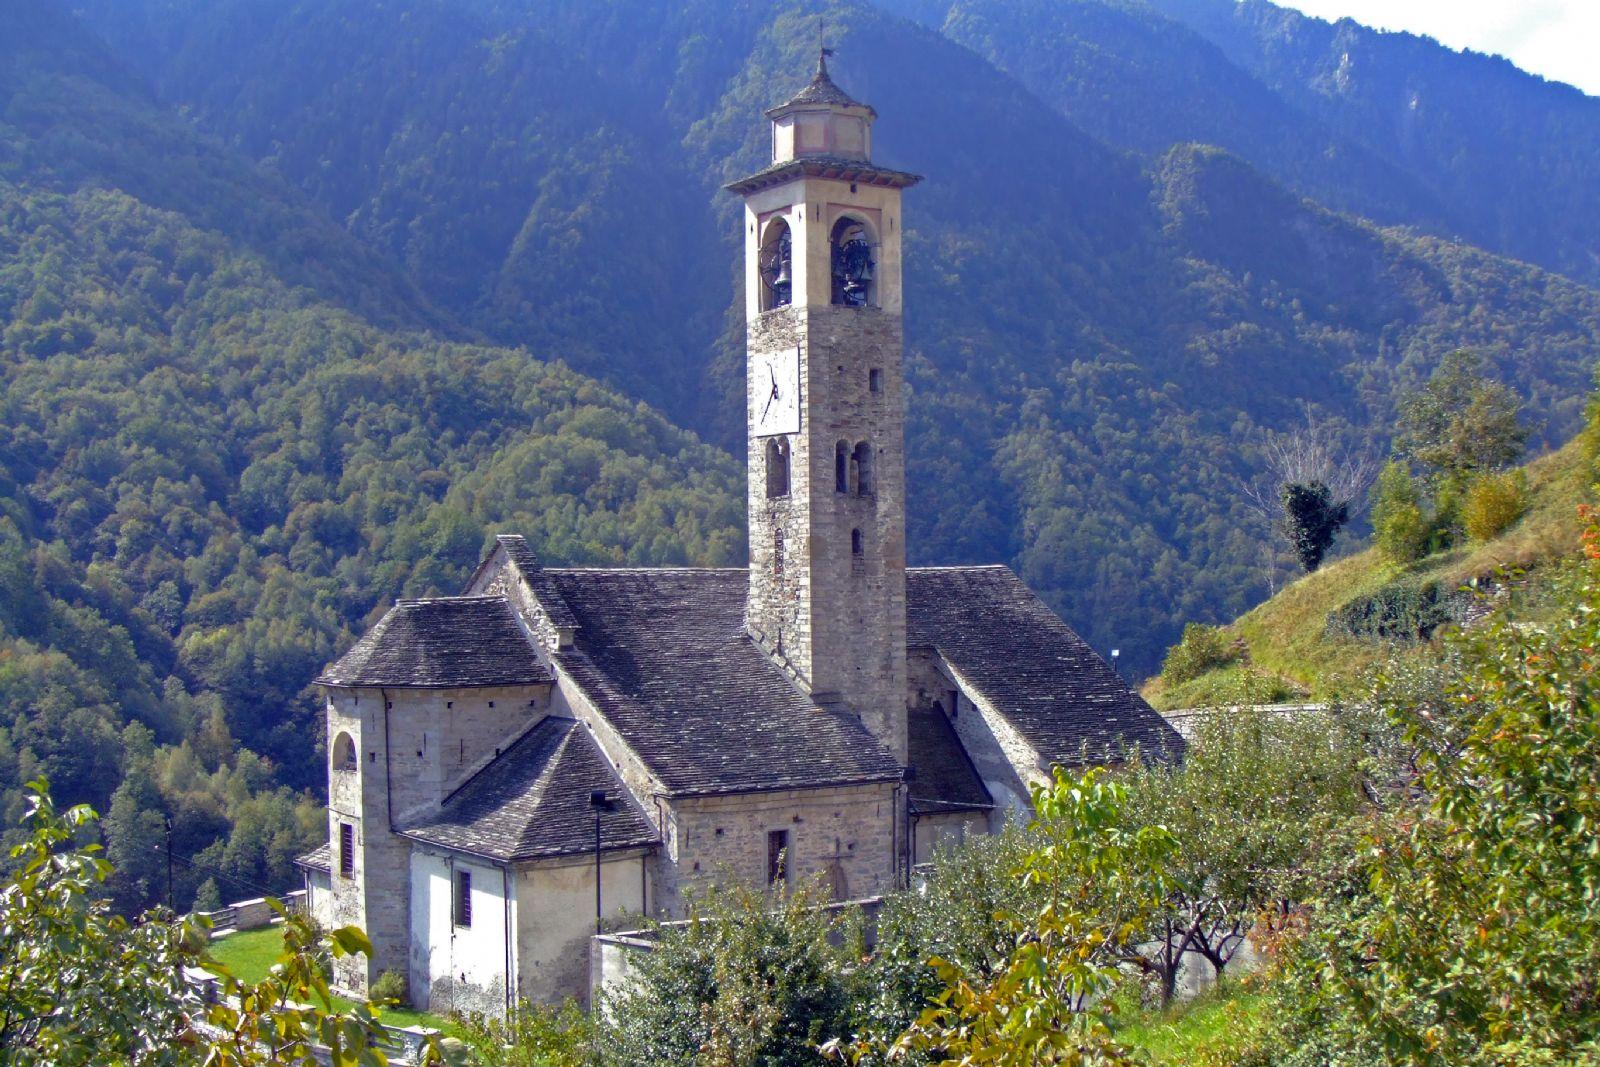 Borgomezzavallee